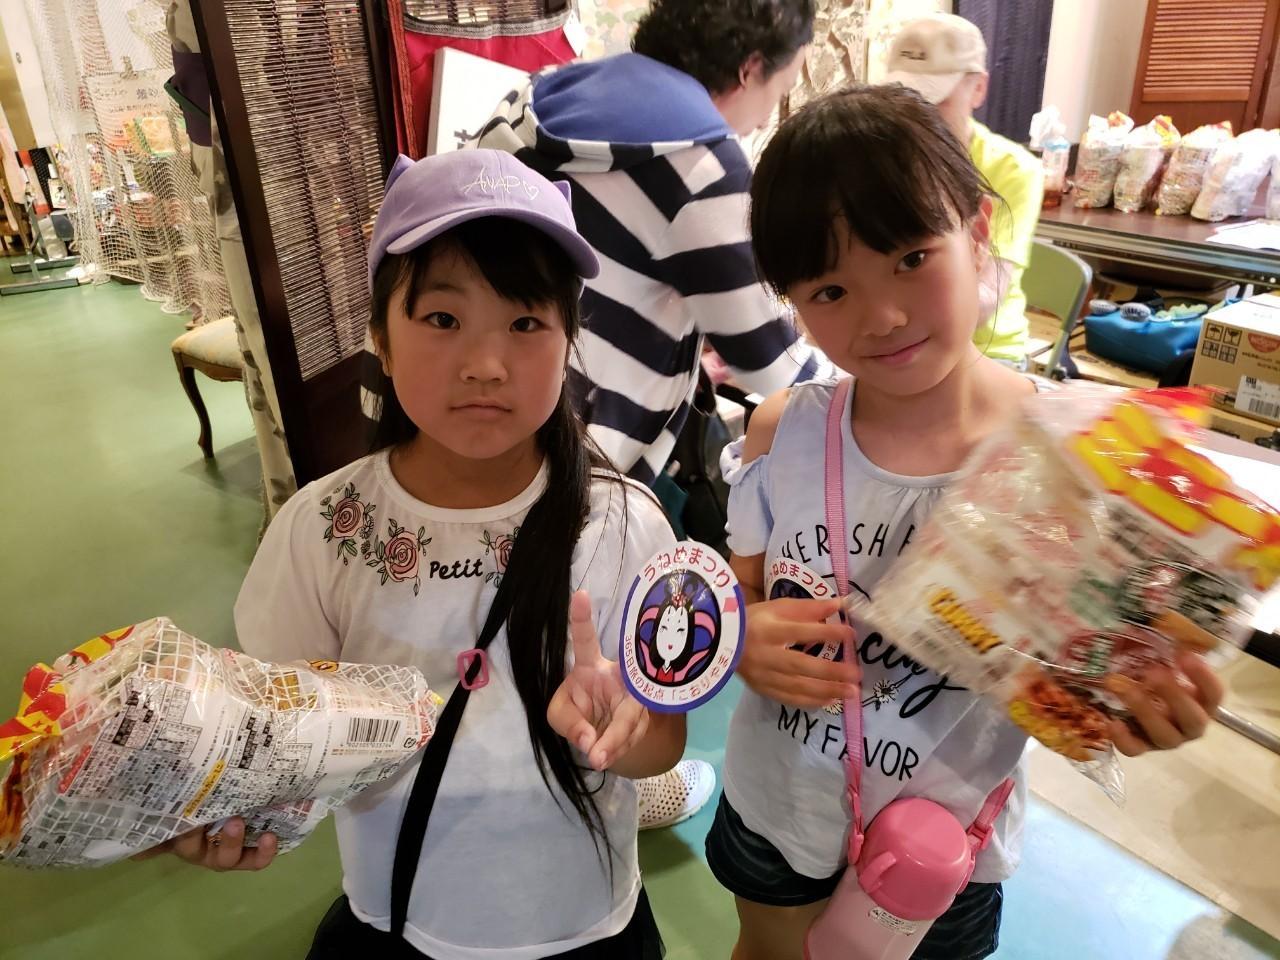 夏の風物詩...采女祭り2019☆彡_c0345439_21263677.jpg